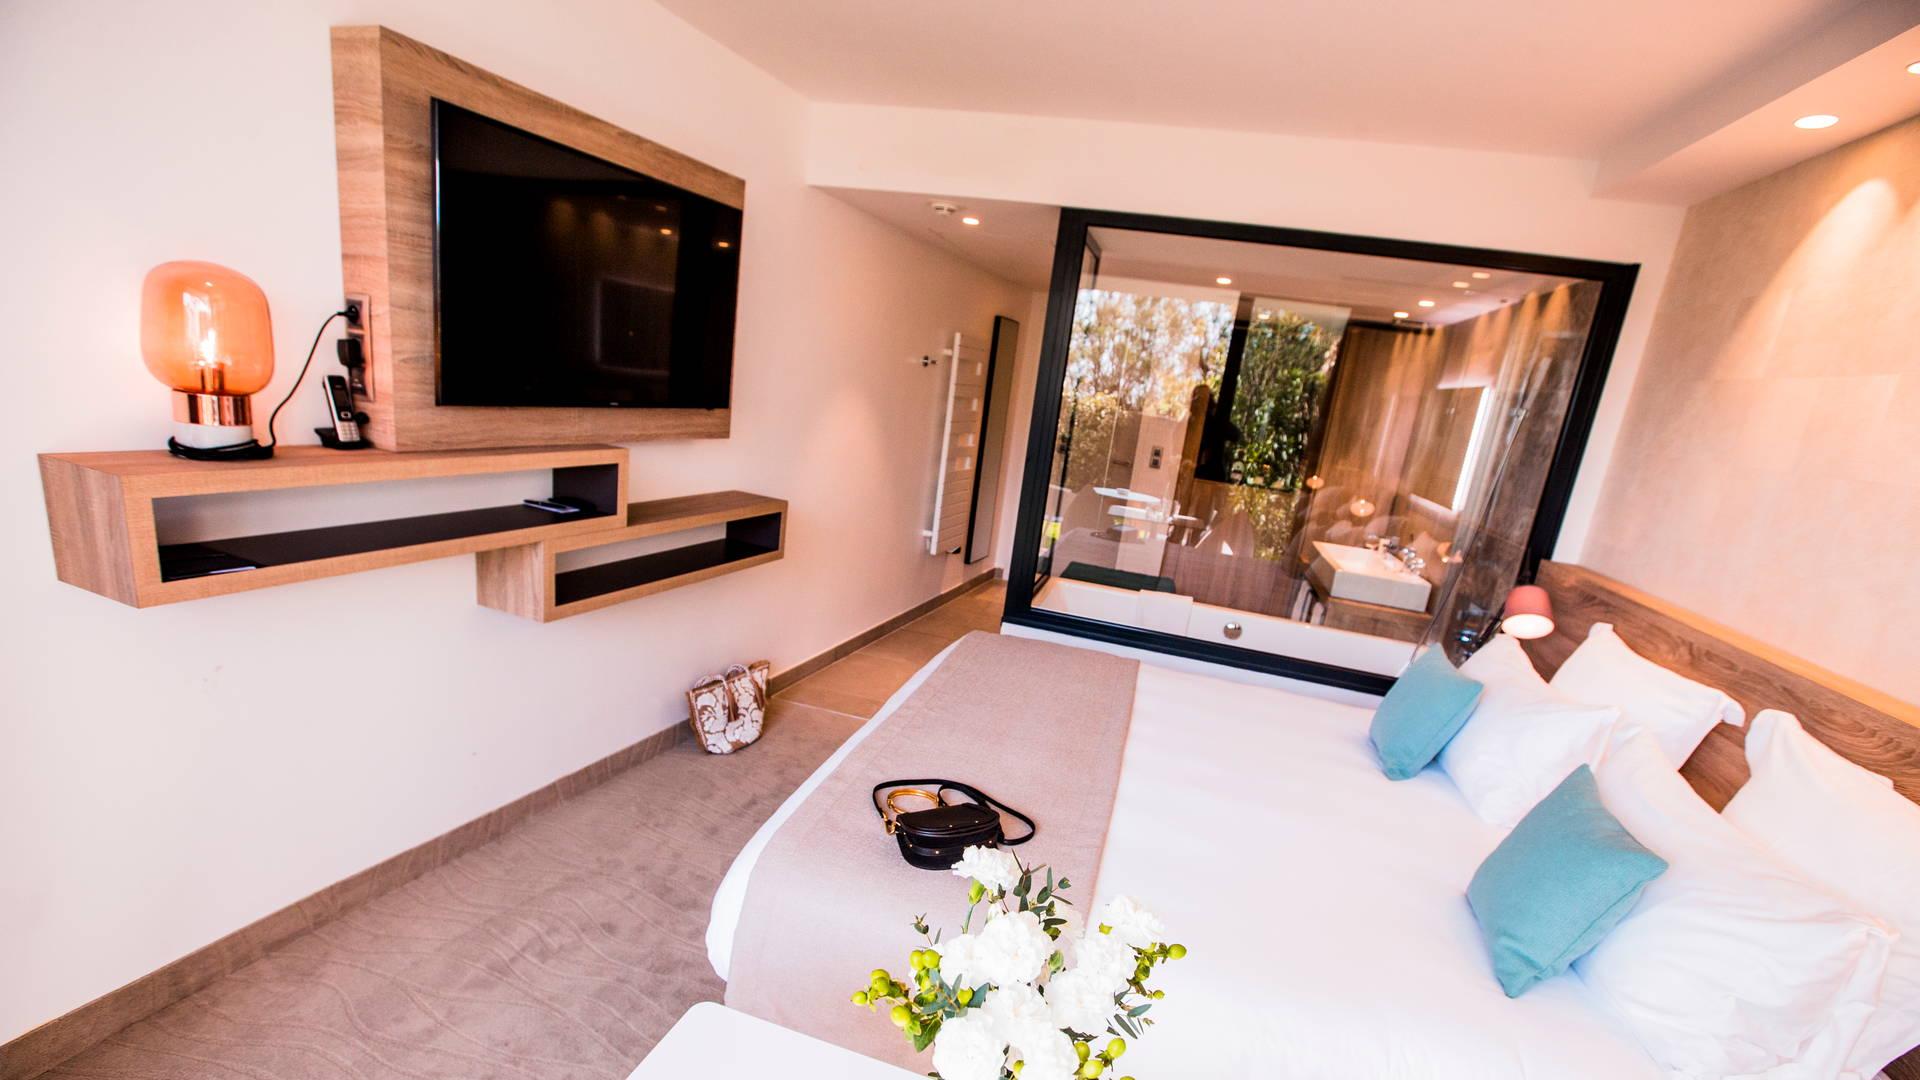 Chambre lumineuse et originale avec baignoire vitrée dans la chambre avec terrasse, hôtel de charme bord de mer, Hôtel La Plage.